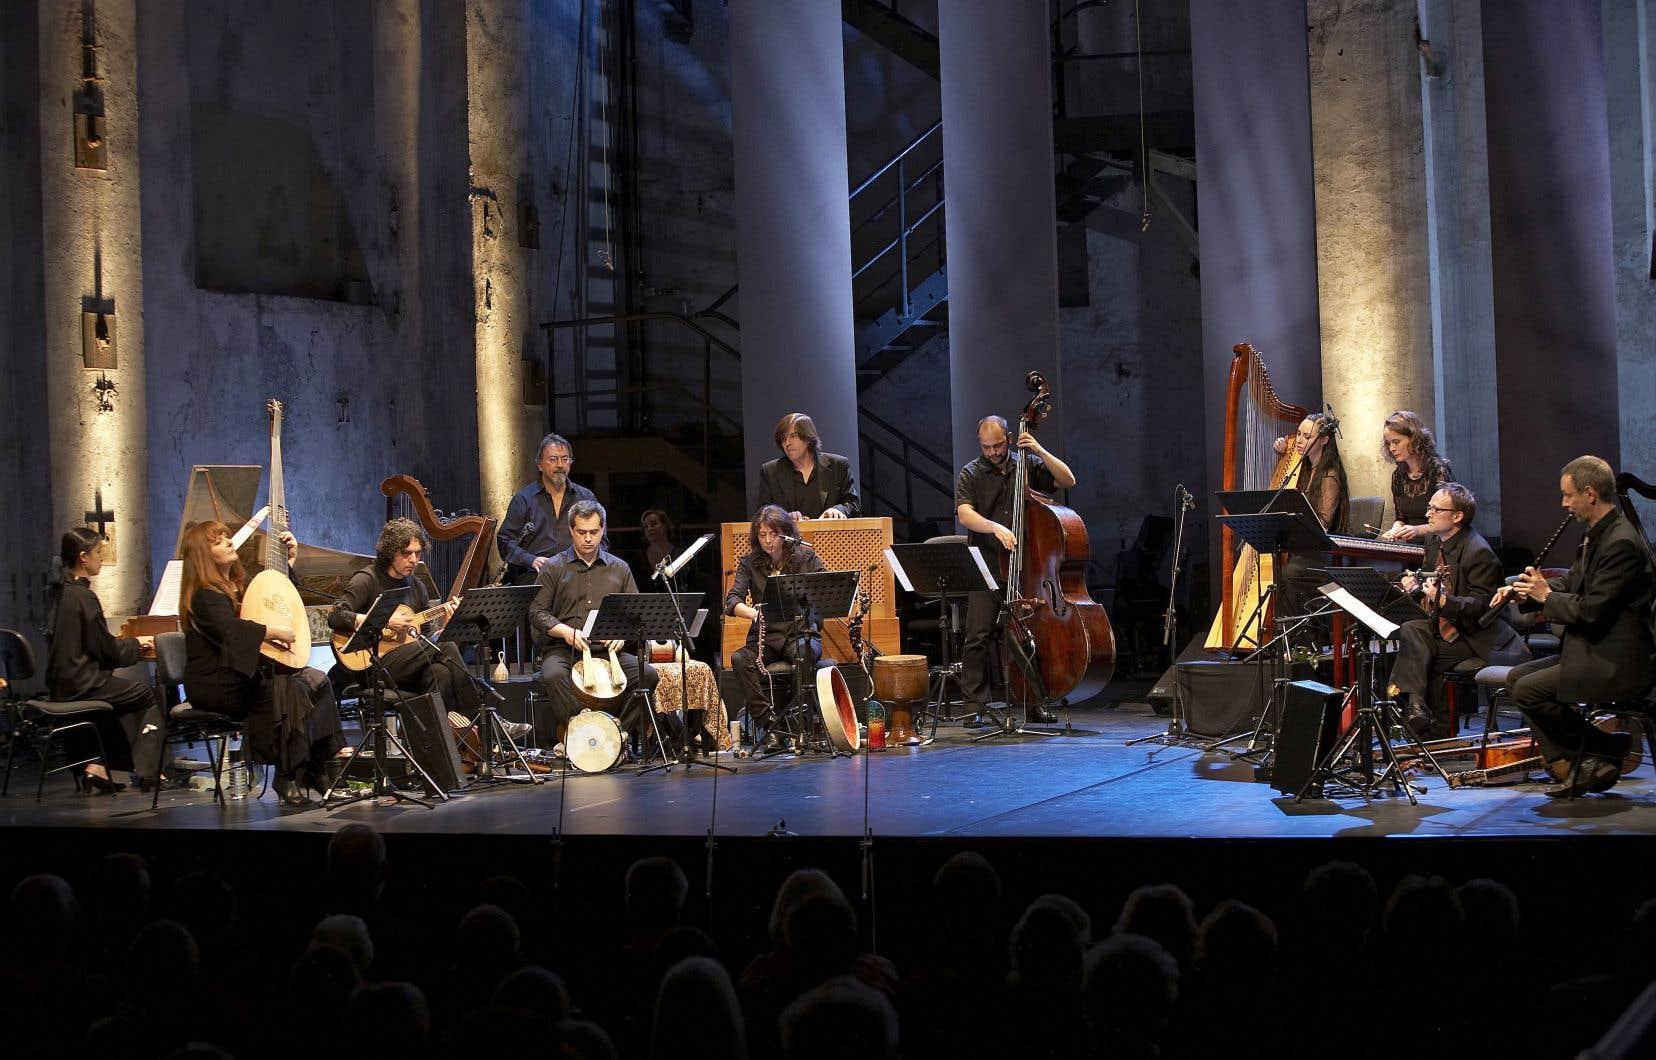 Christina Pluhar et son ensemble L'Arpeggiata présenteront à Montréal un programme imprégné de musiques traditionnelles du Portugal, de Catalogne, d'Espagne, d'Italie et de Grèce.